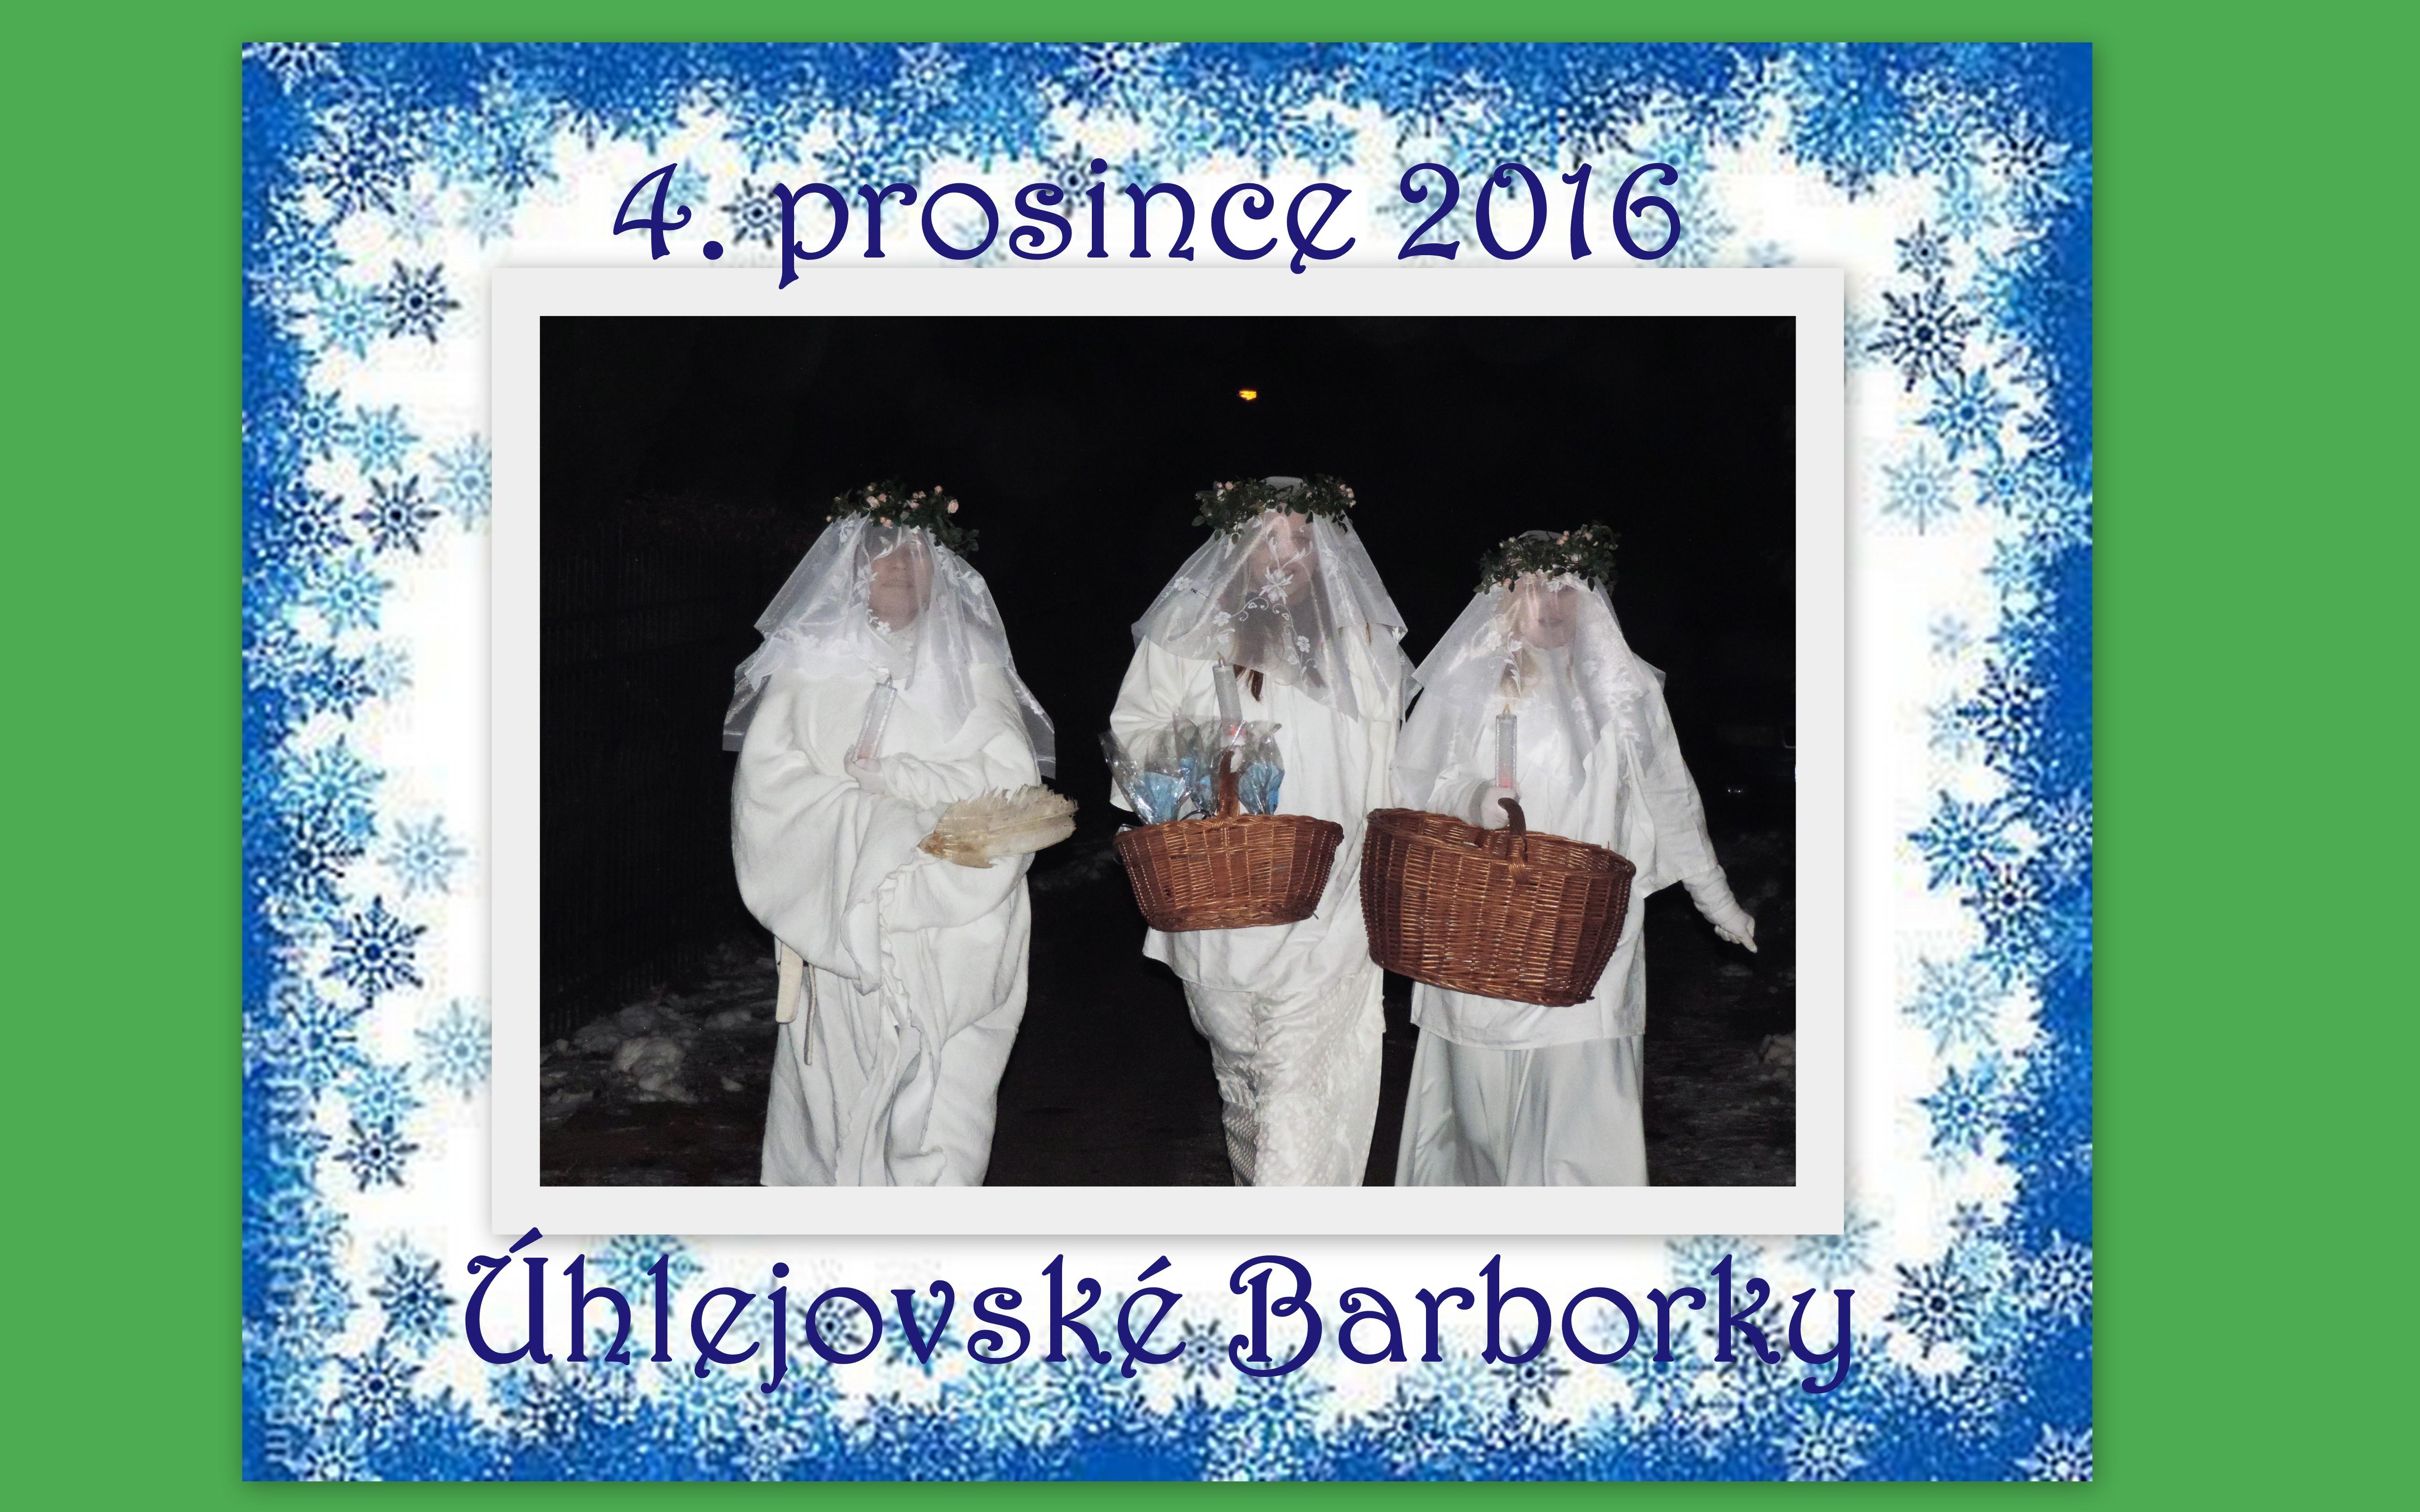 OBRÁZEK : barborky_2016_foto-kolaz.jpg